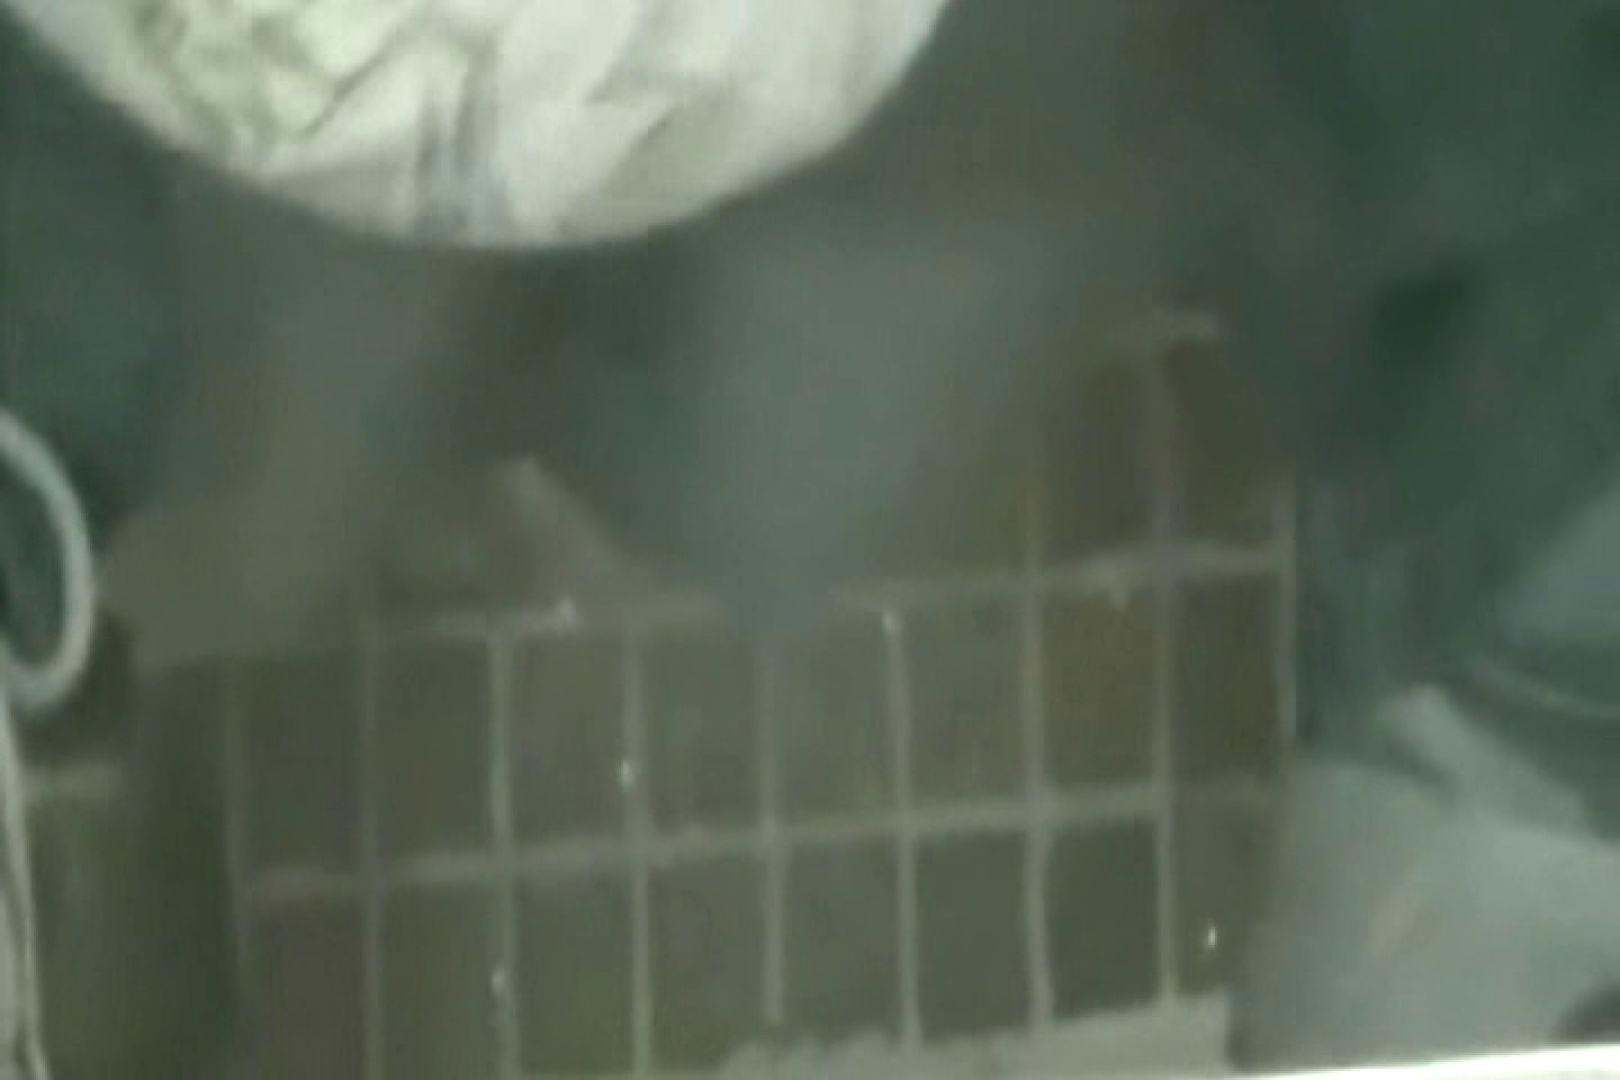 ぼっとん洗面所スペシャルVol.9 生おまんこ アダルト動画キャプチャ 62PICs 3